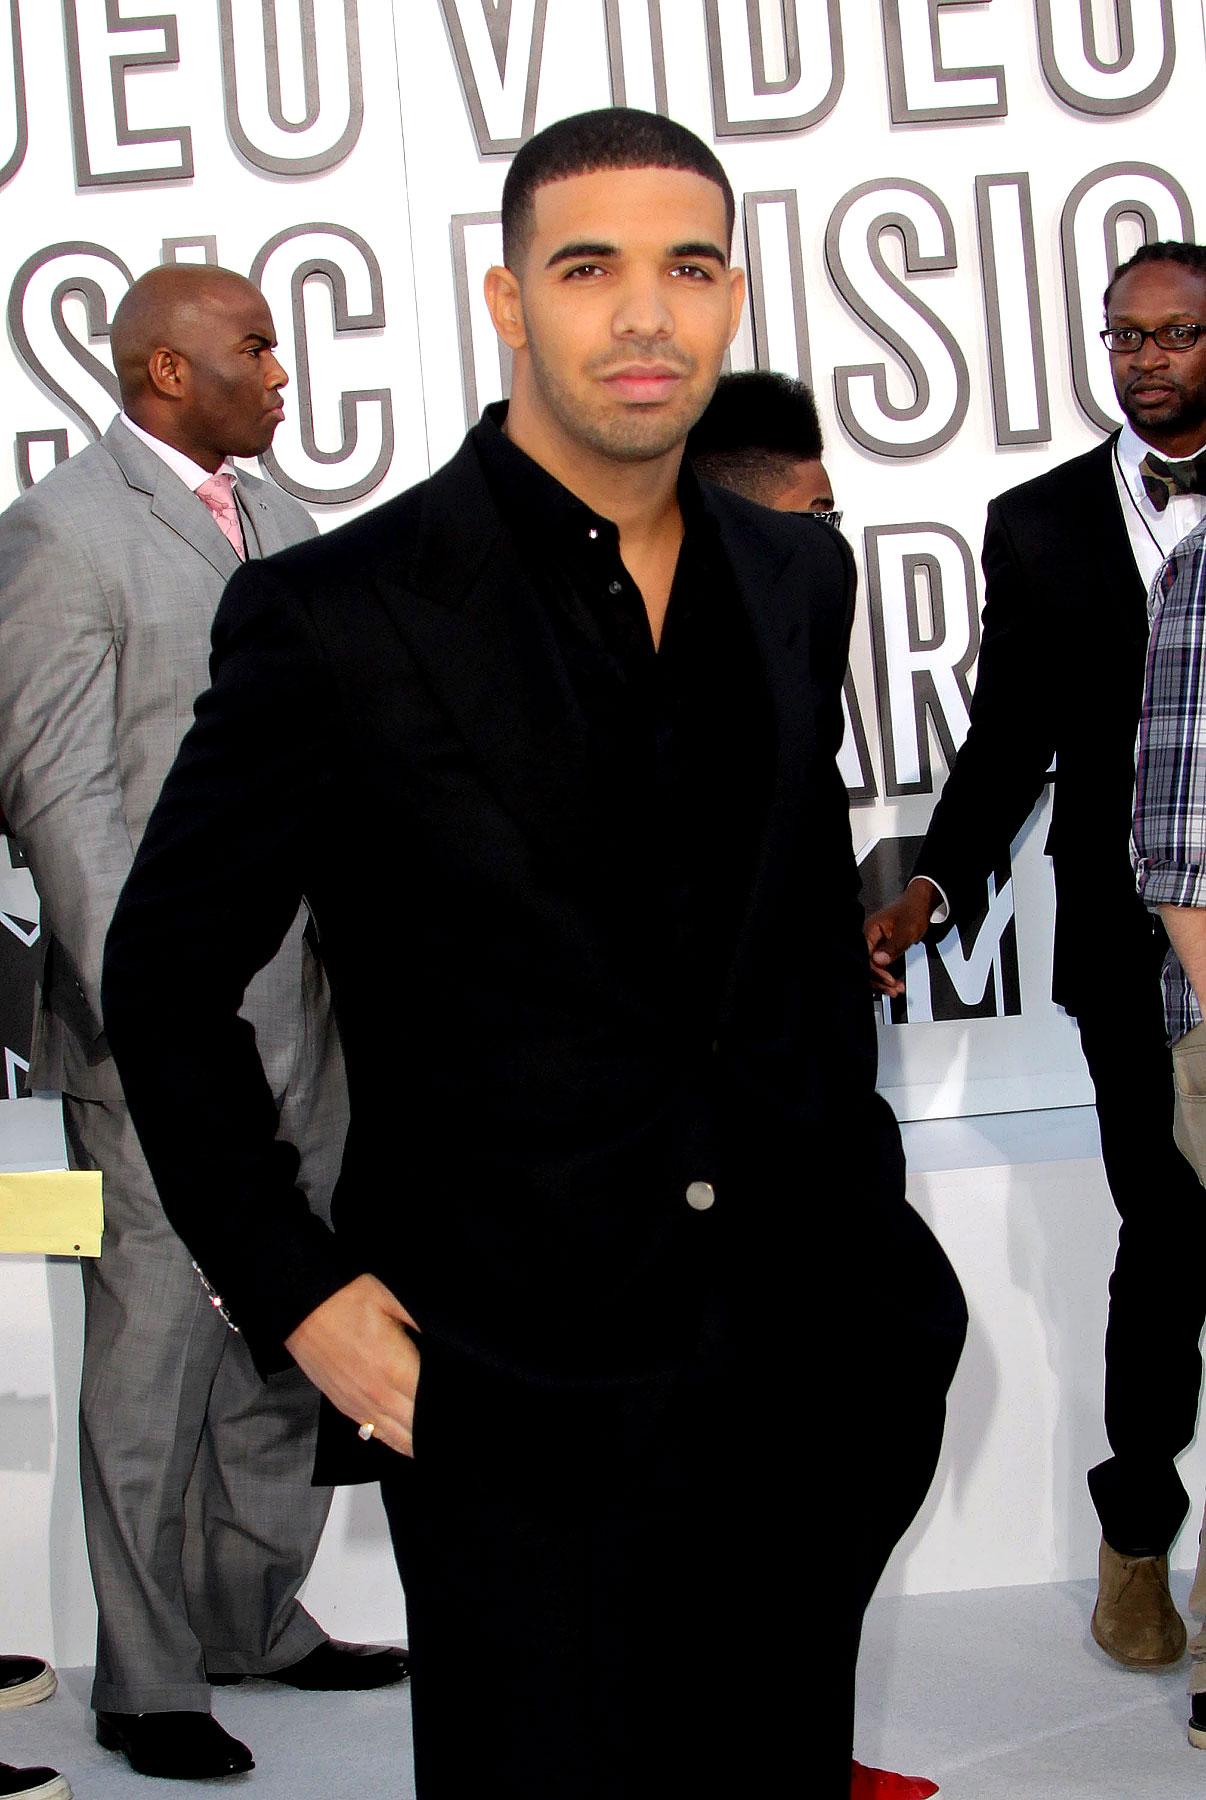 Drake at the 2010 MTV Video Music Awards (PHOTOS)